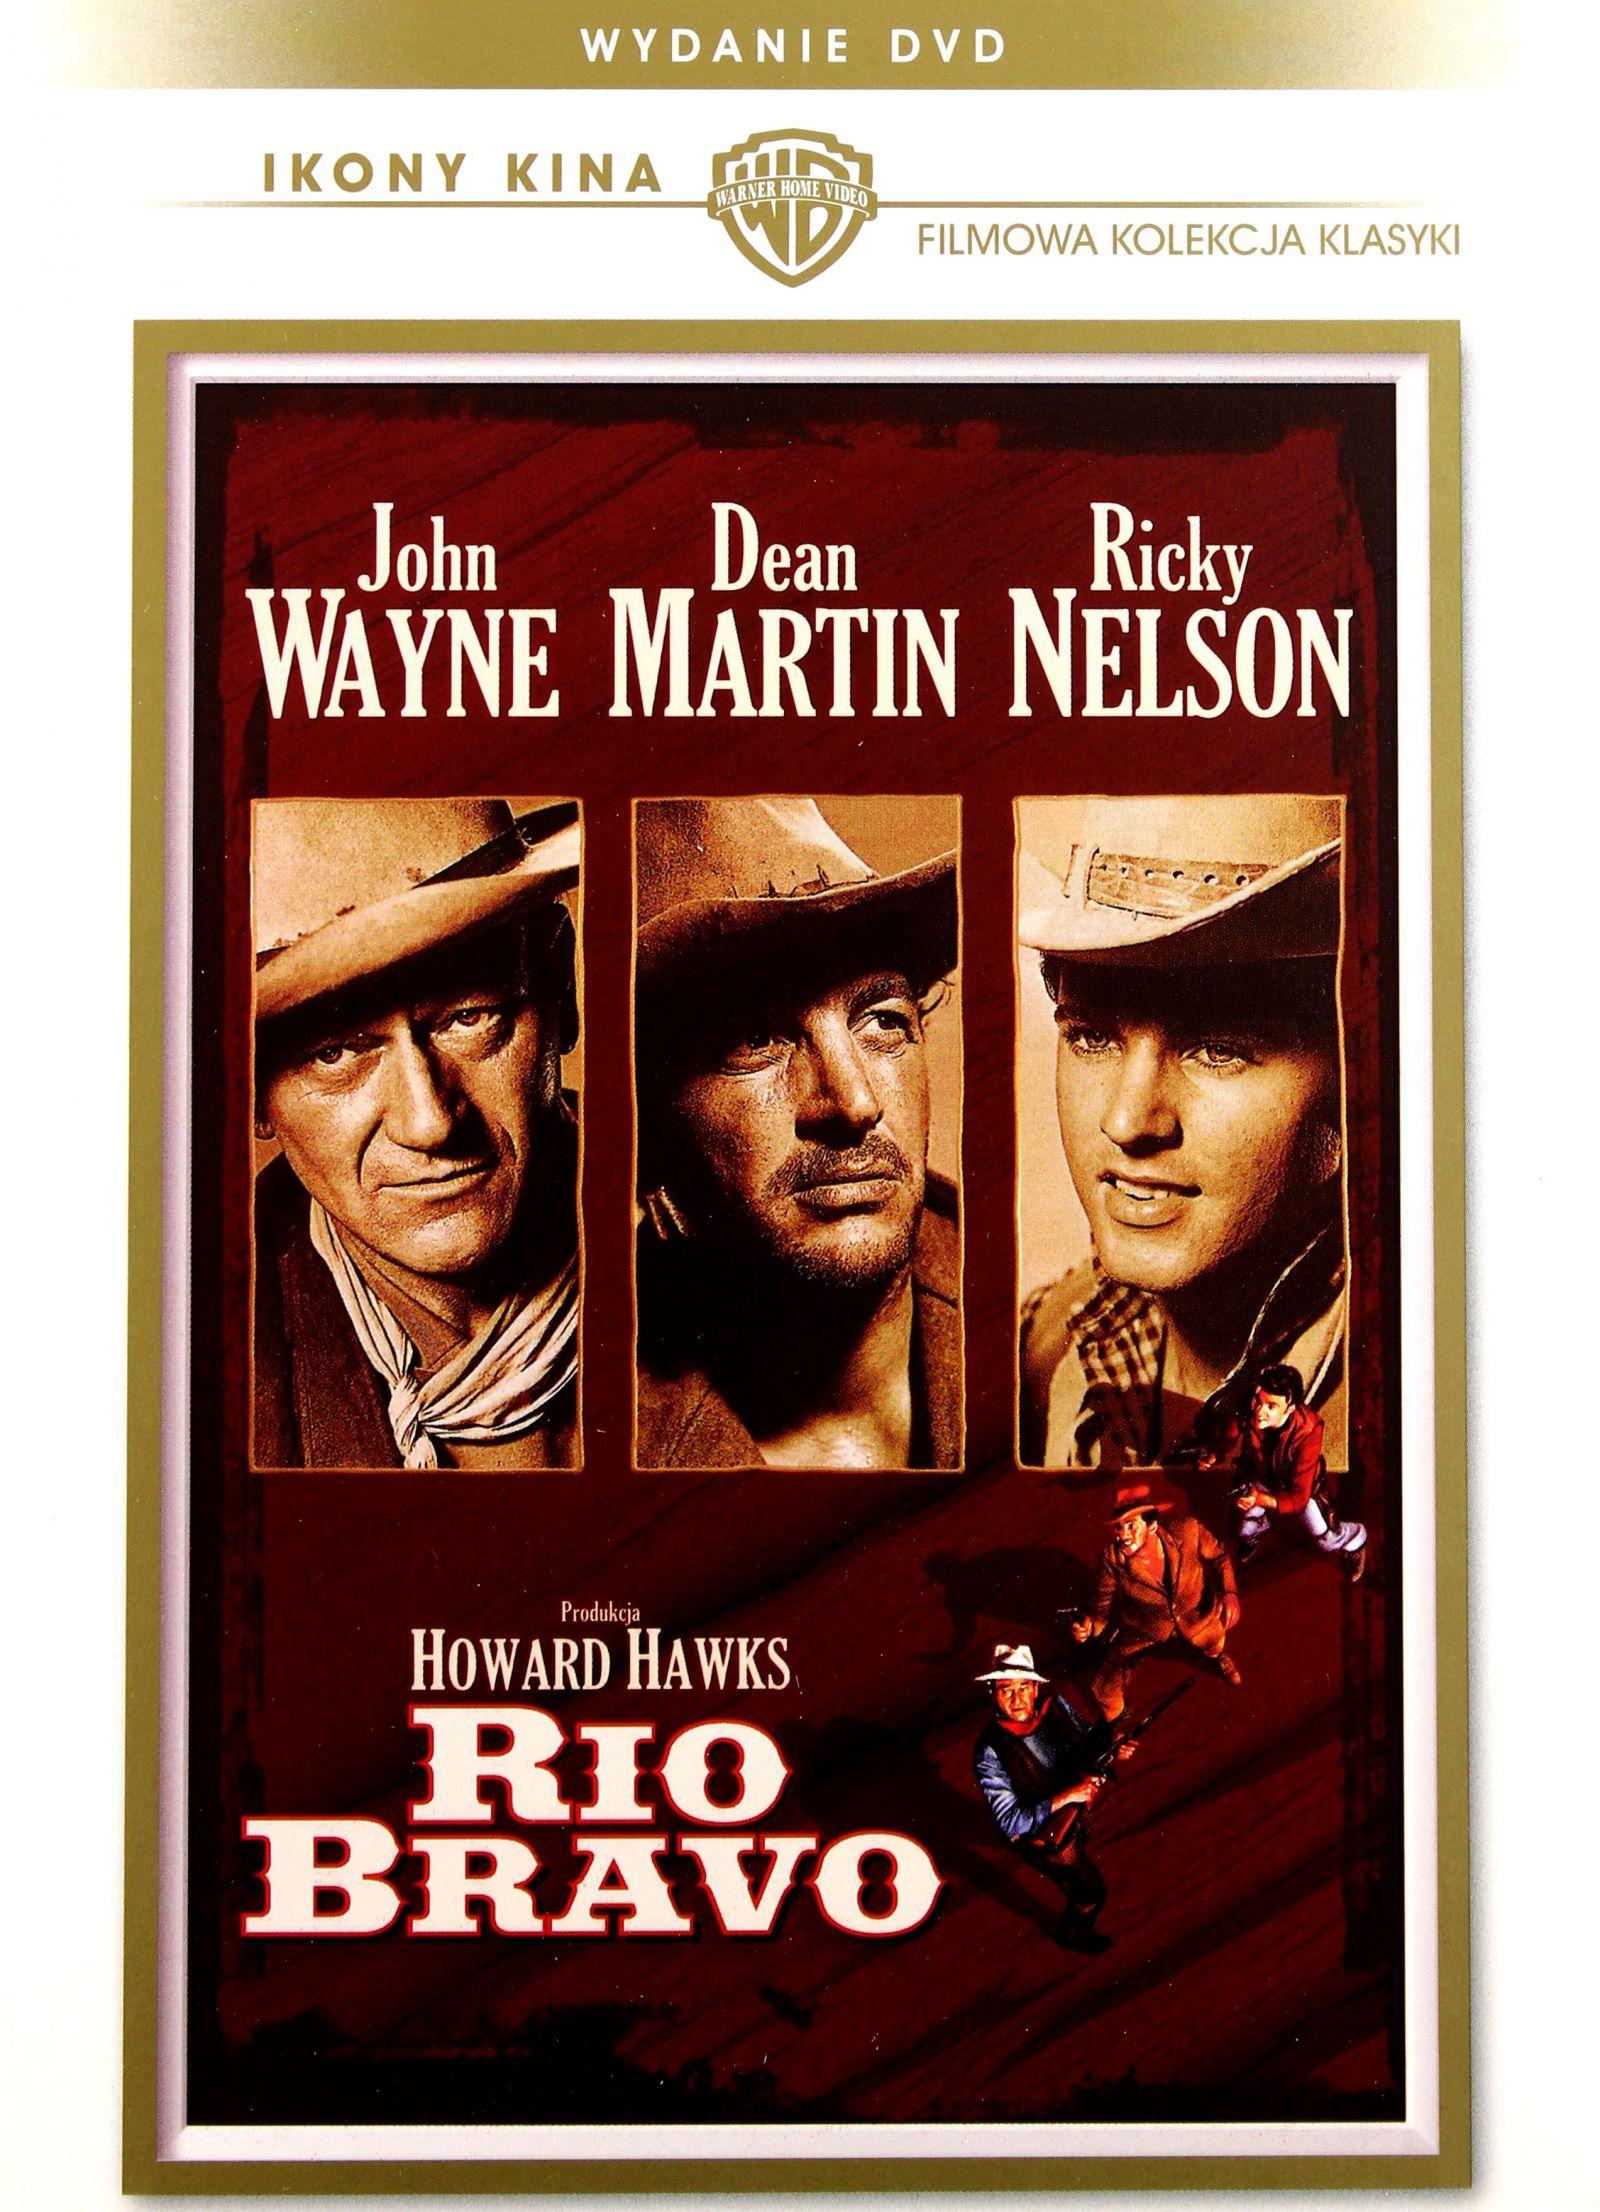 DVD - Rio Bravo - John Wayne , Dean Martin -FOLIA